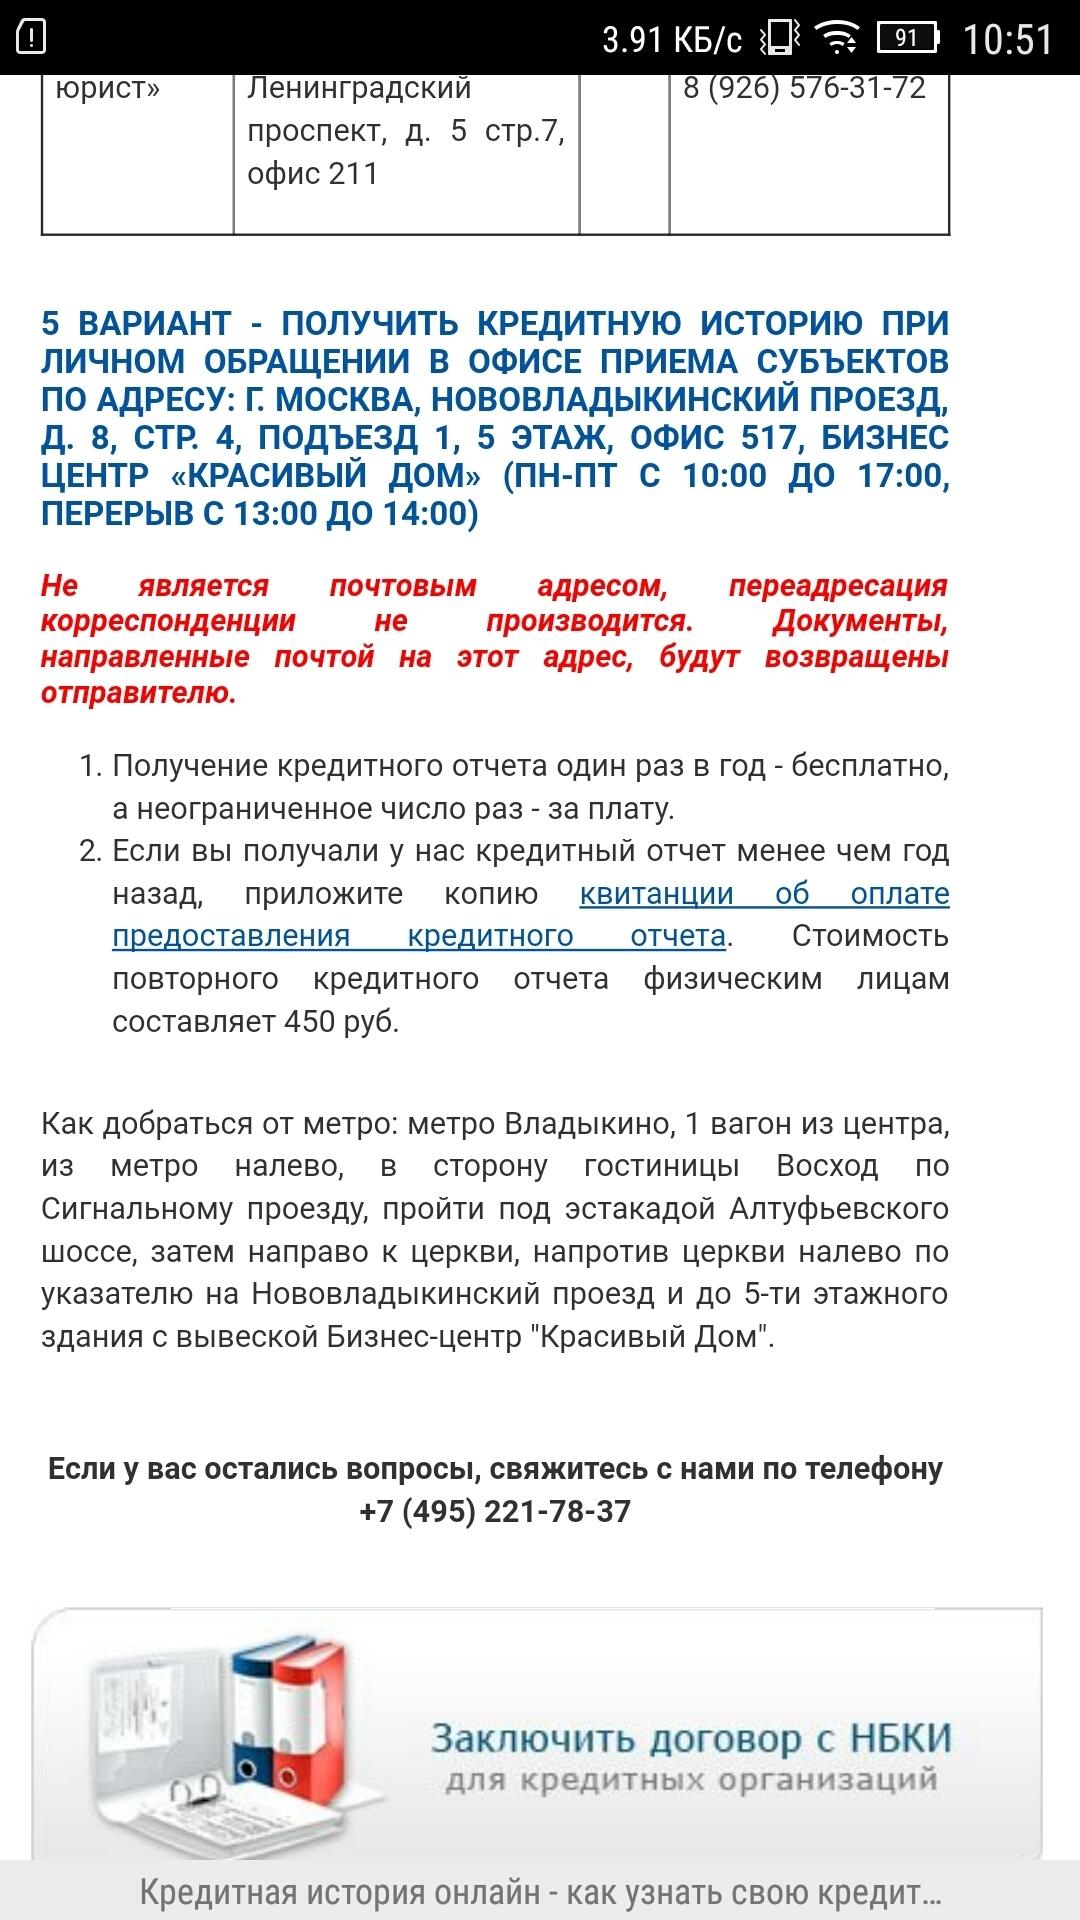 Документы для кредита в москве Деловой центр трудовой договор с косметологом салона красоты образец